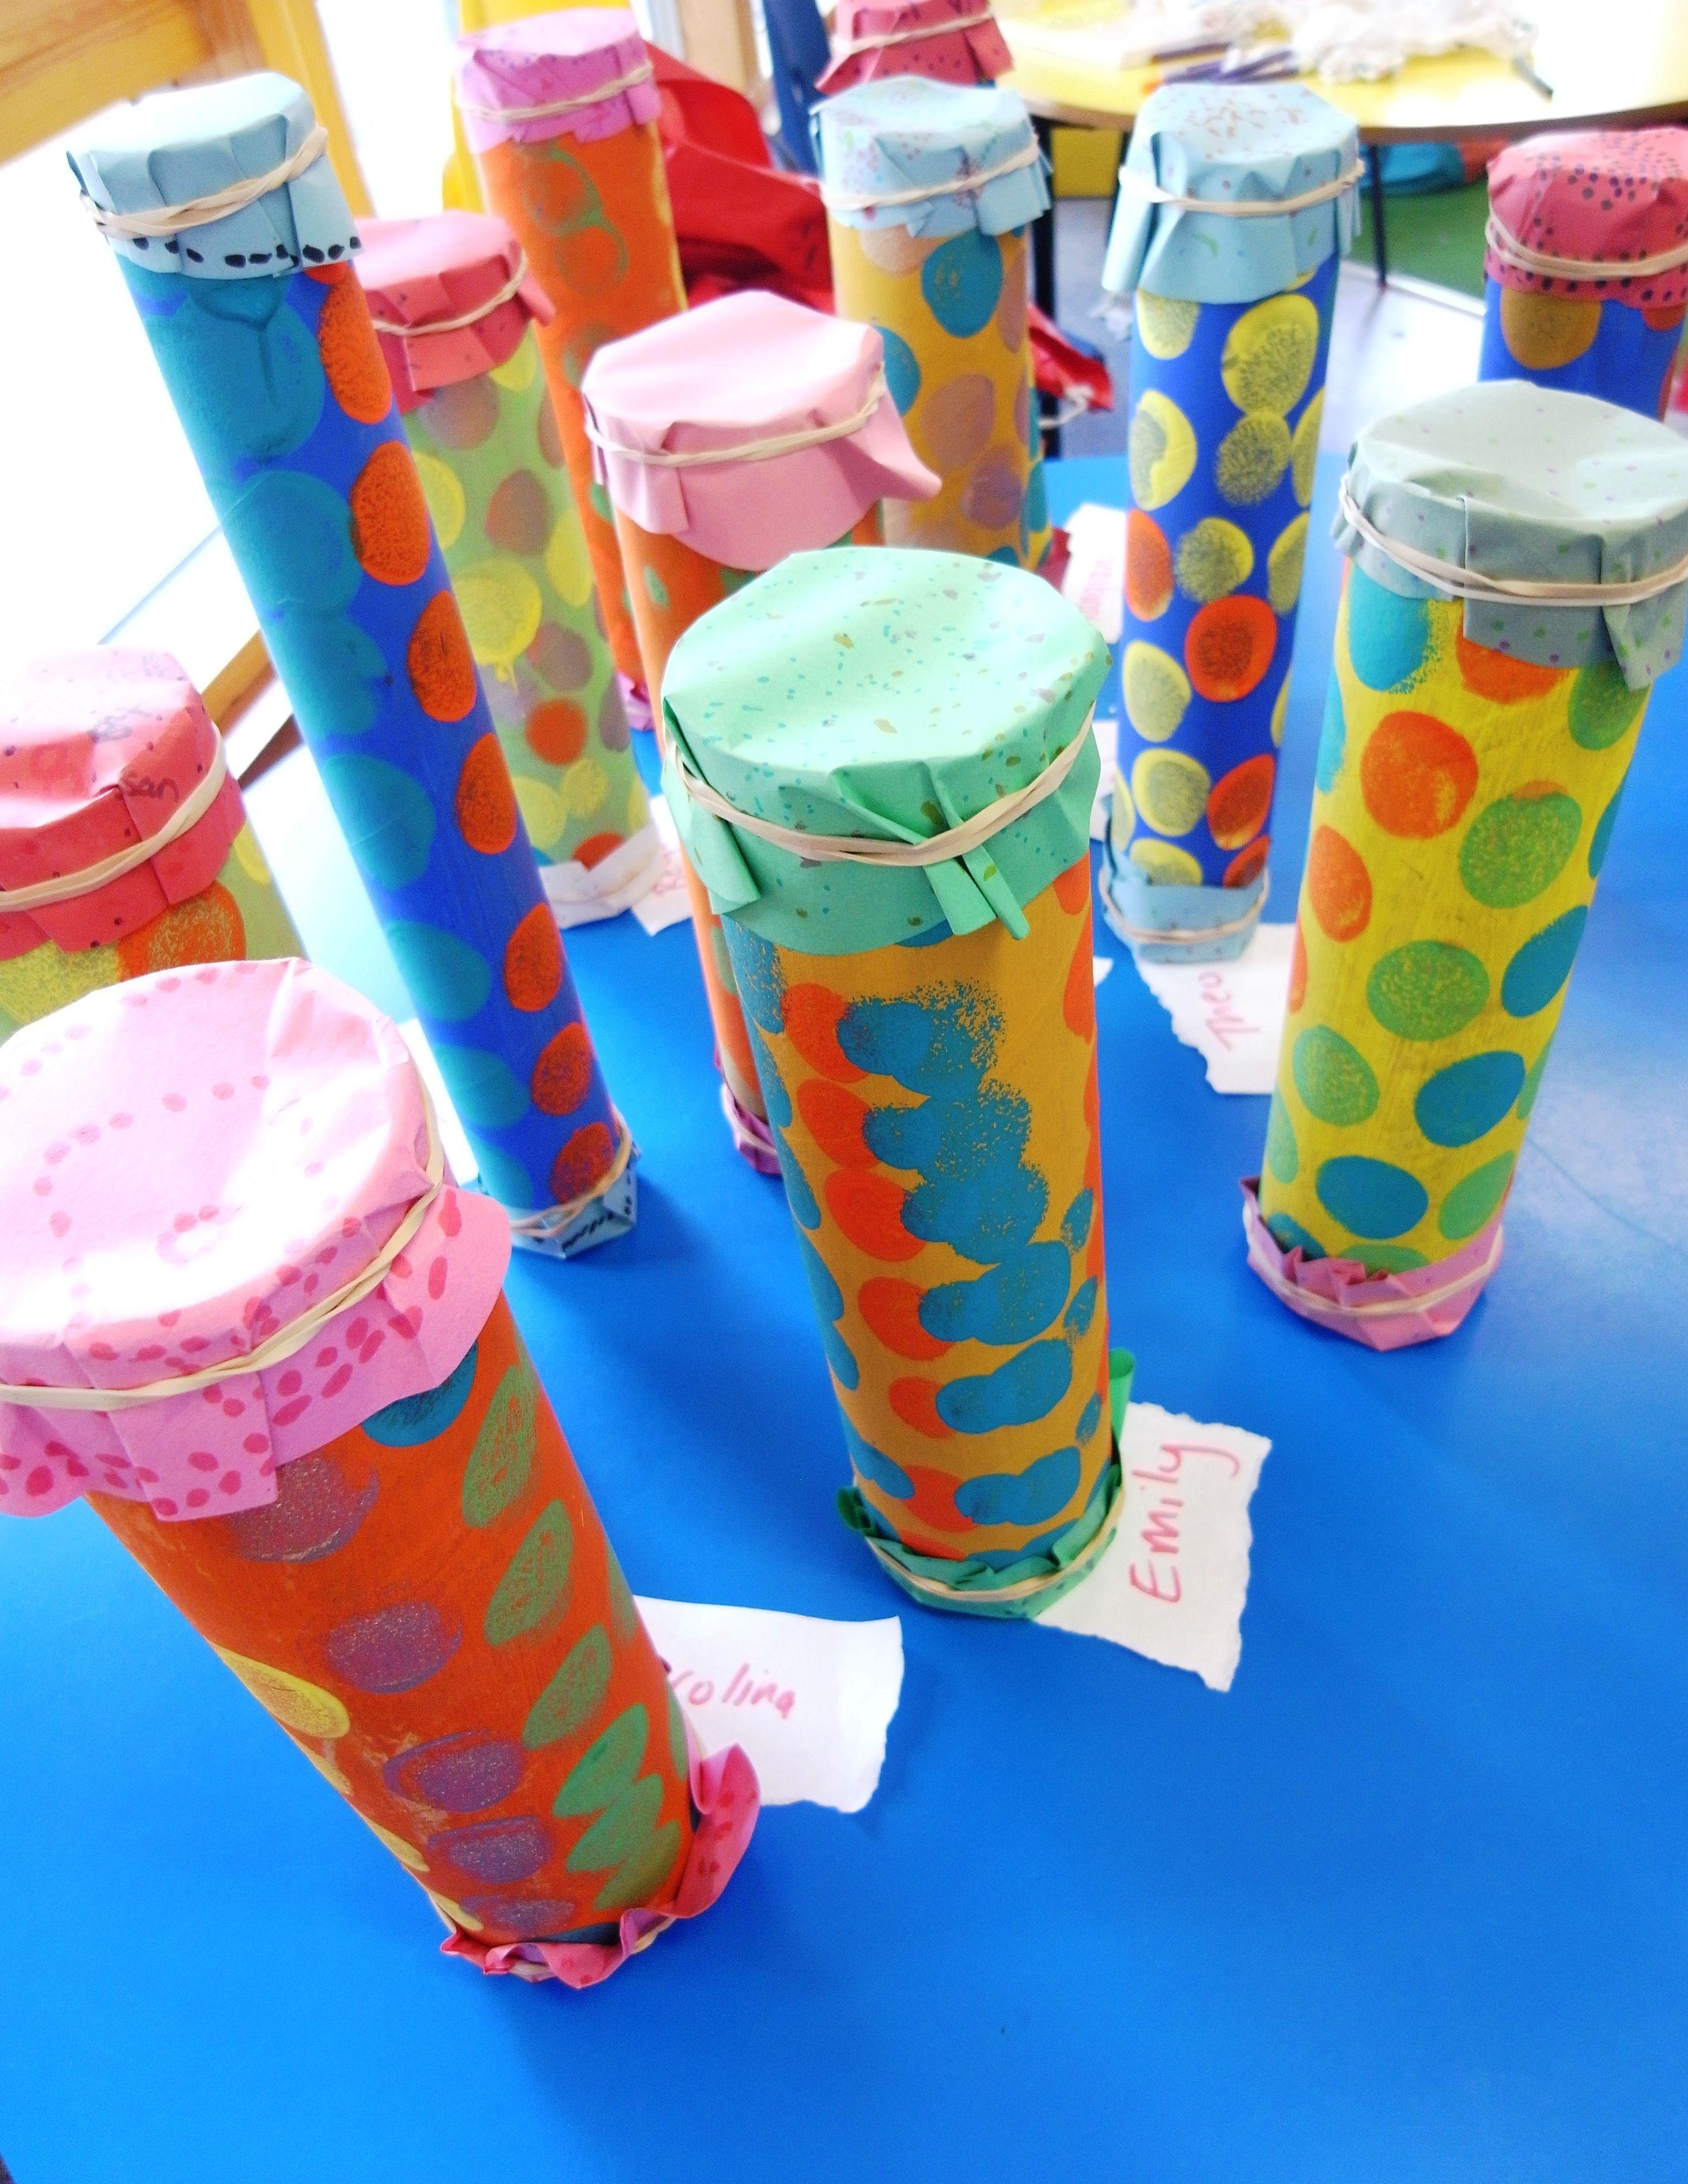 Ks1 Aboriginal Rainsticks Australia Crafts Multicultural